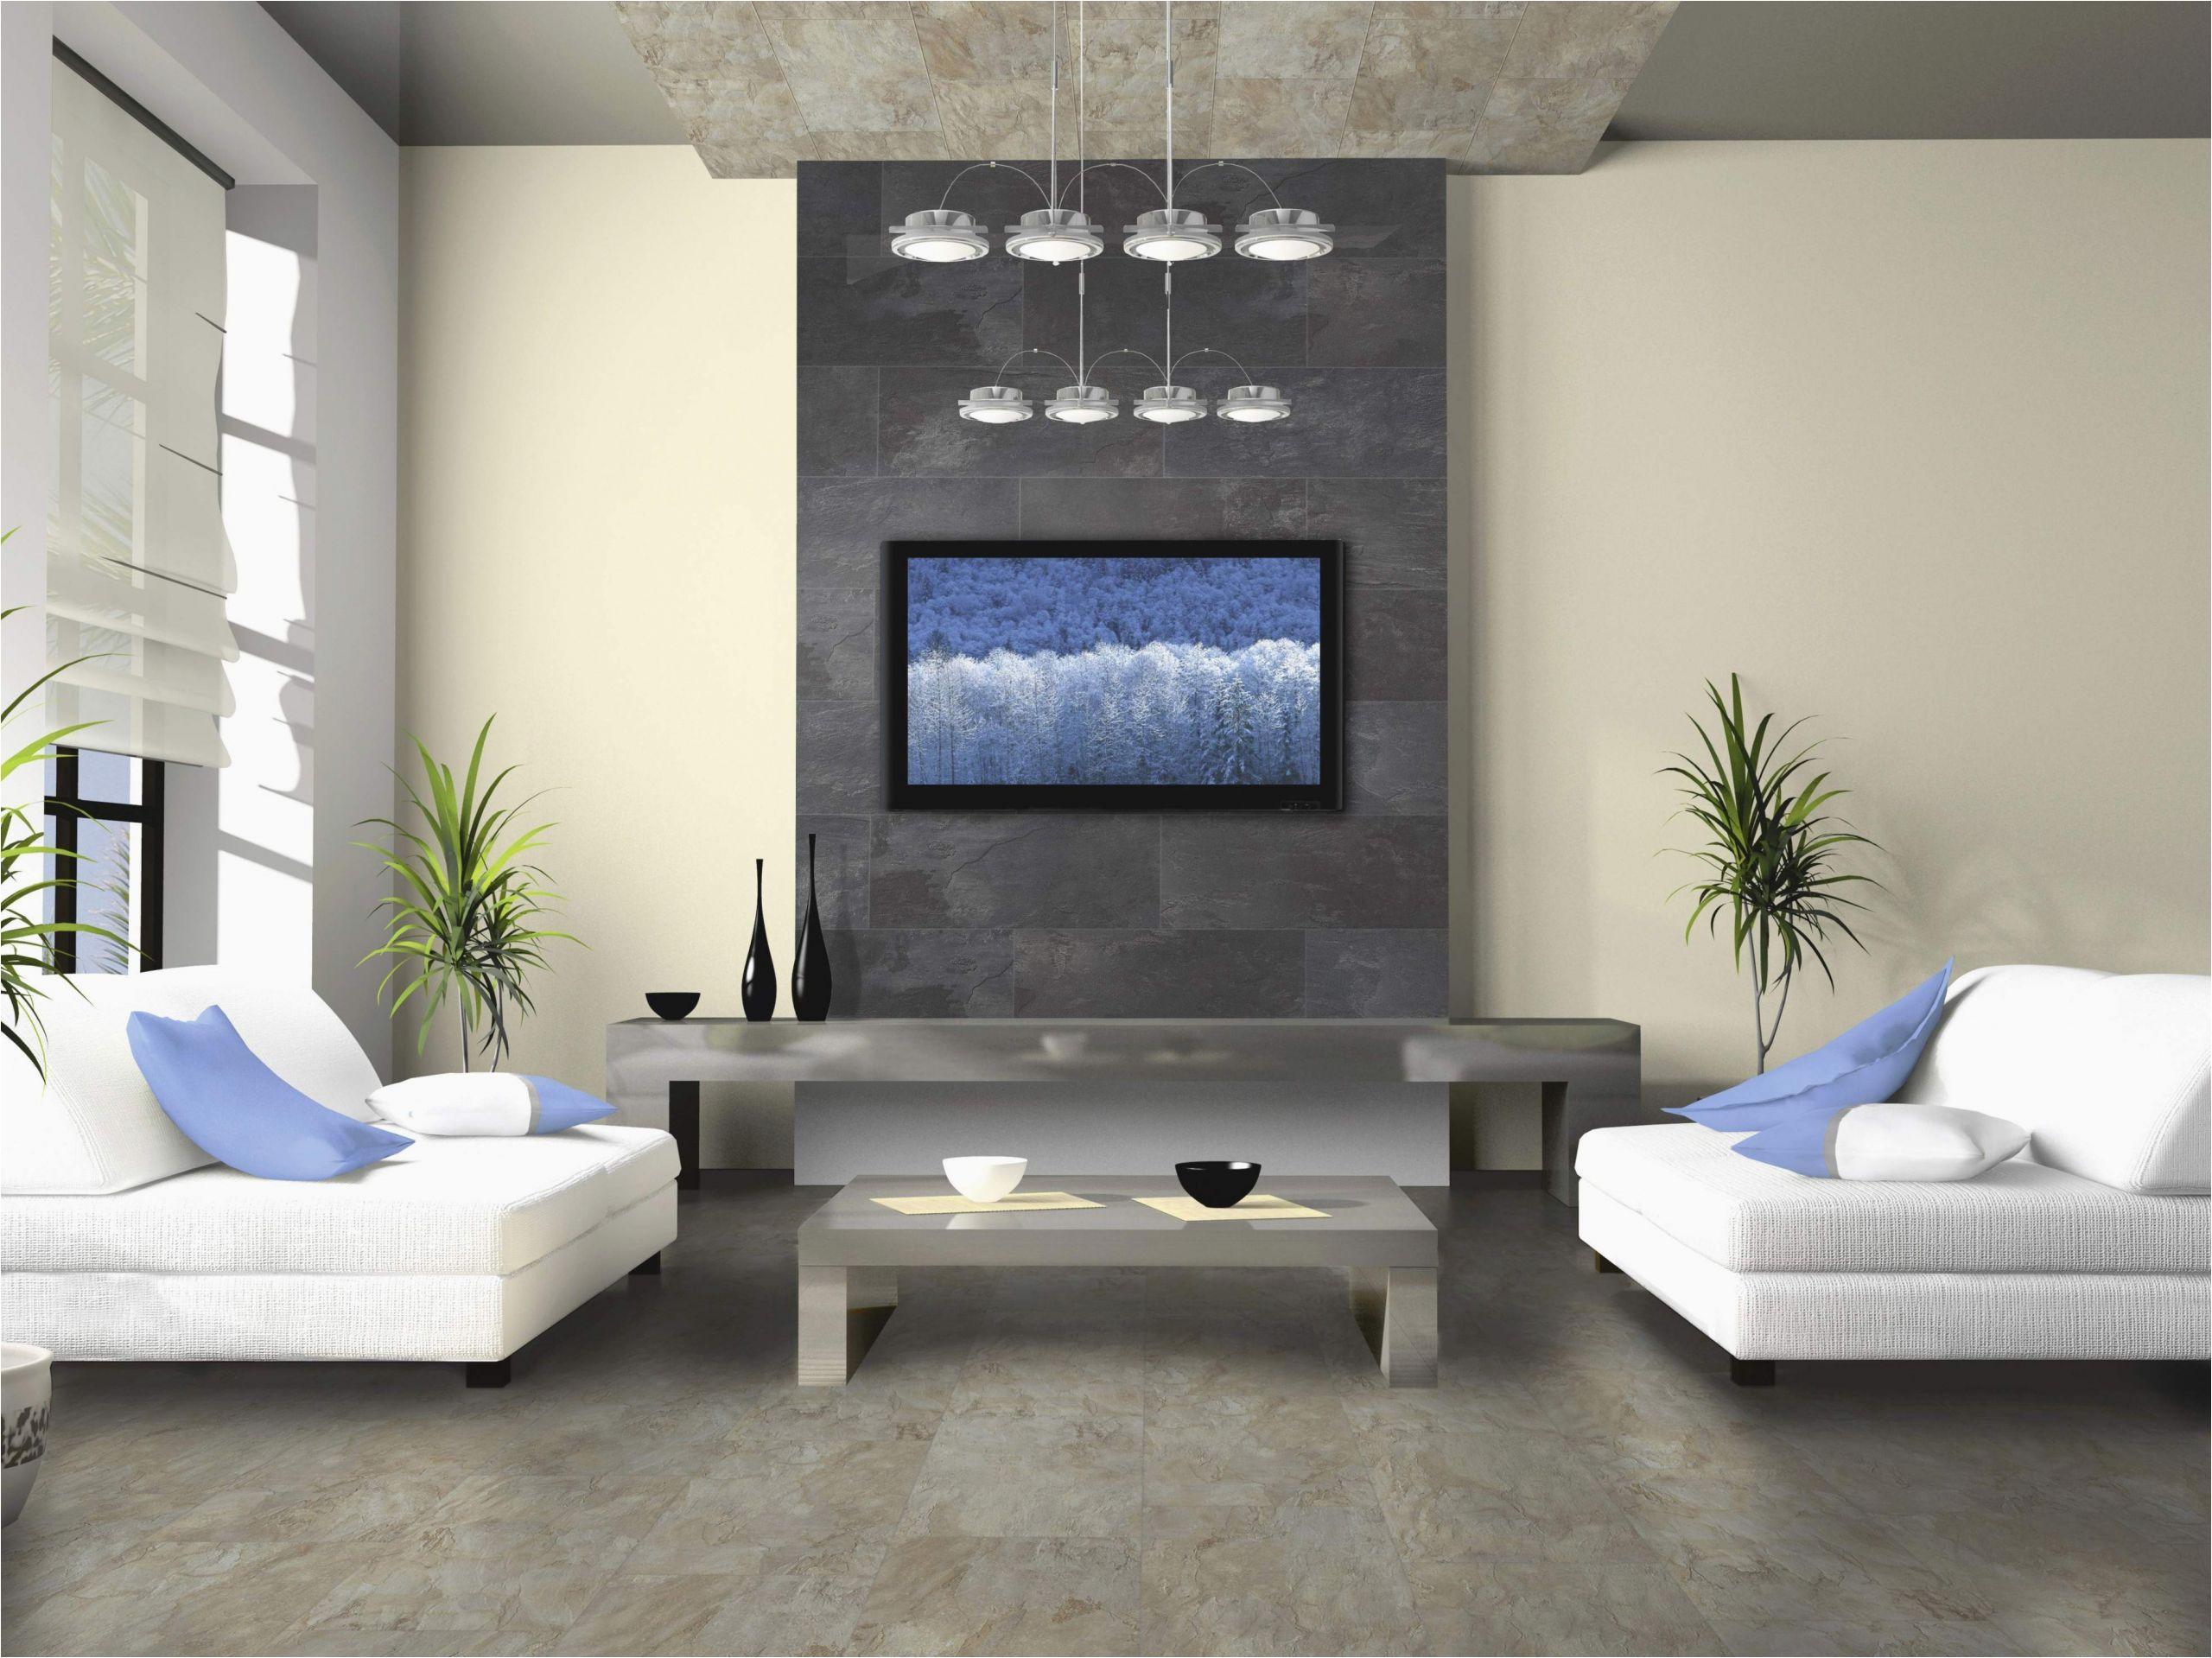 moderne deko wohnzimmer reizend deko wohnzimmer neu dekoration wohnzimmer reizend wohnzimmer of moderne deko wohnzimmer scaled